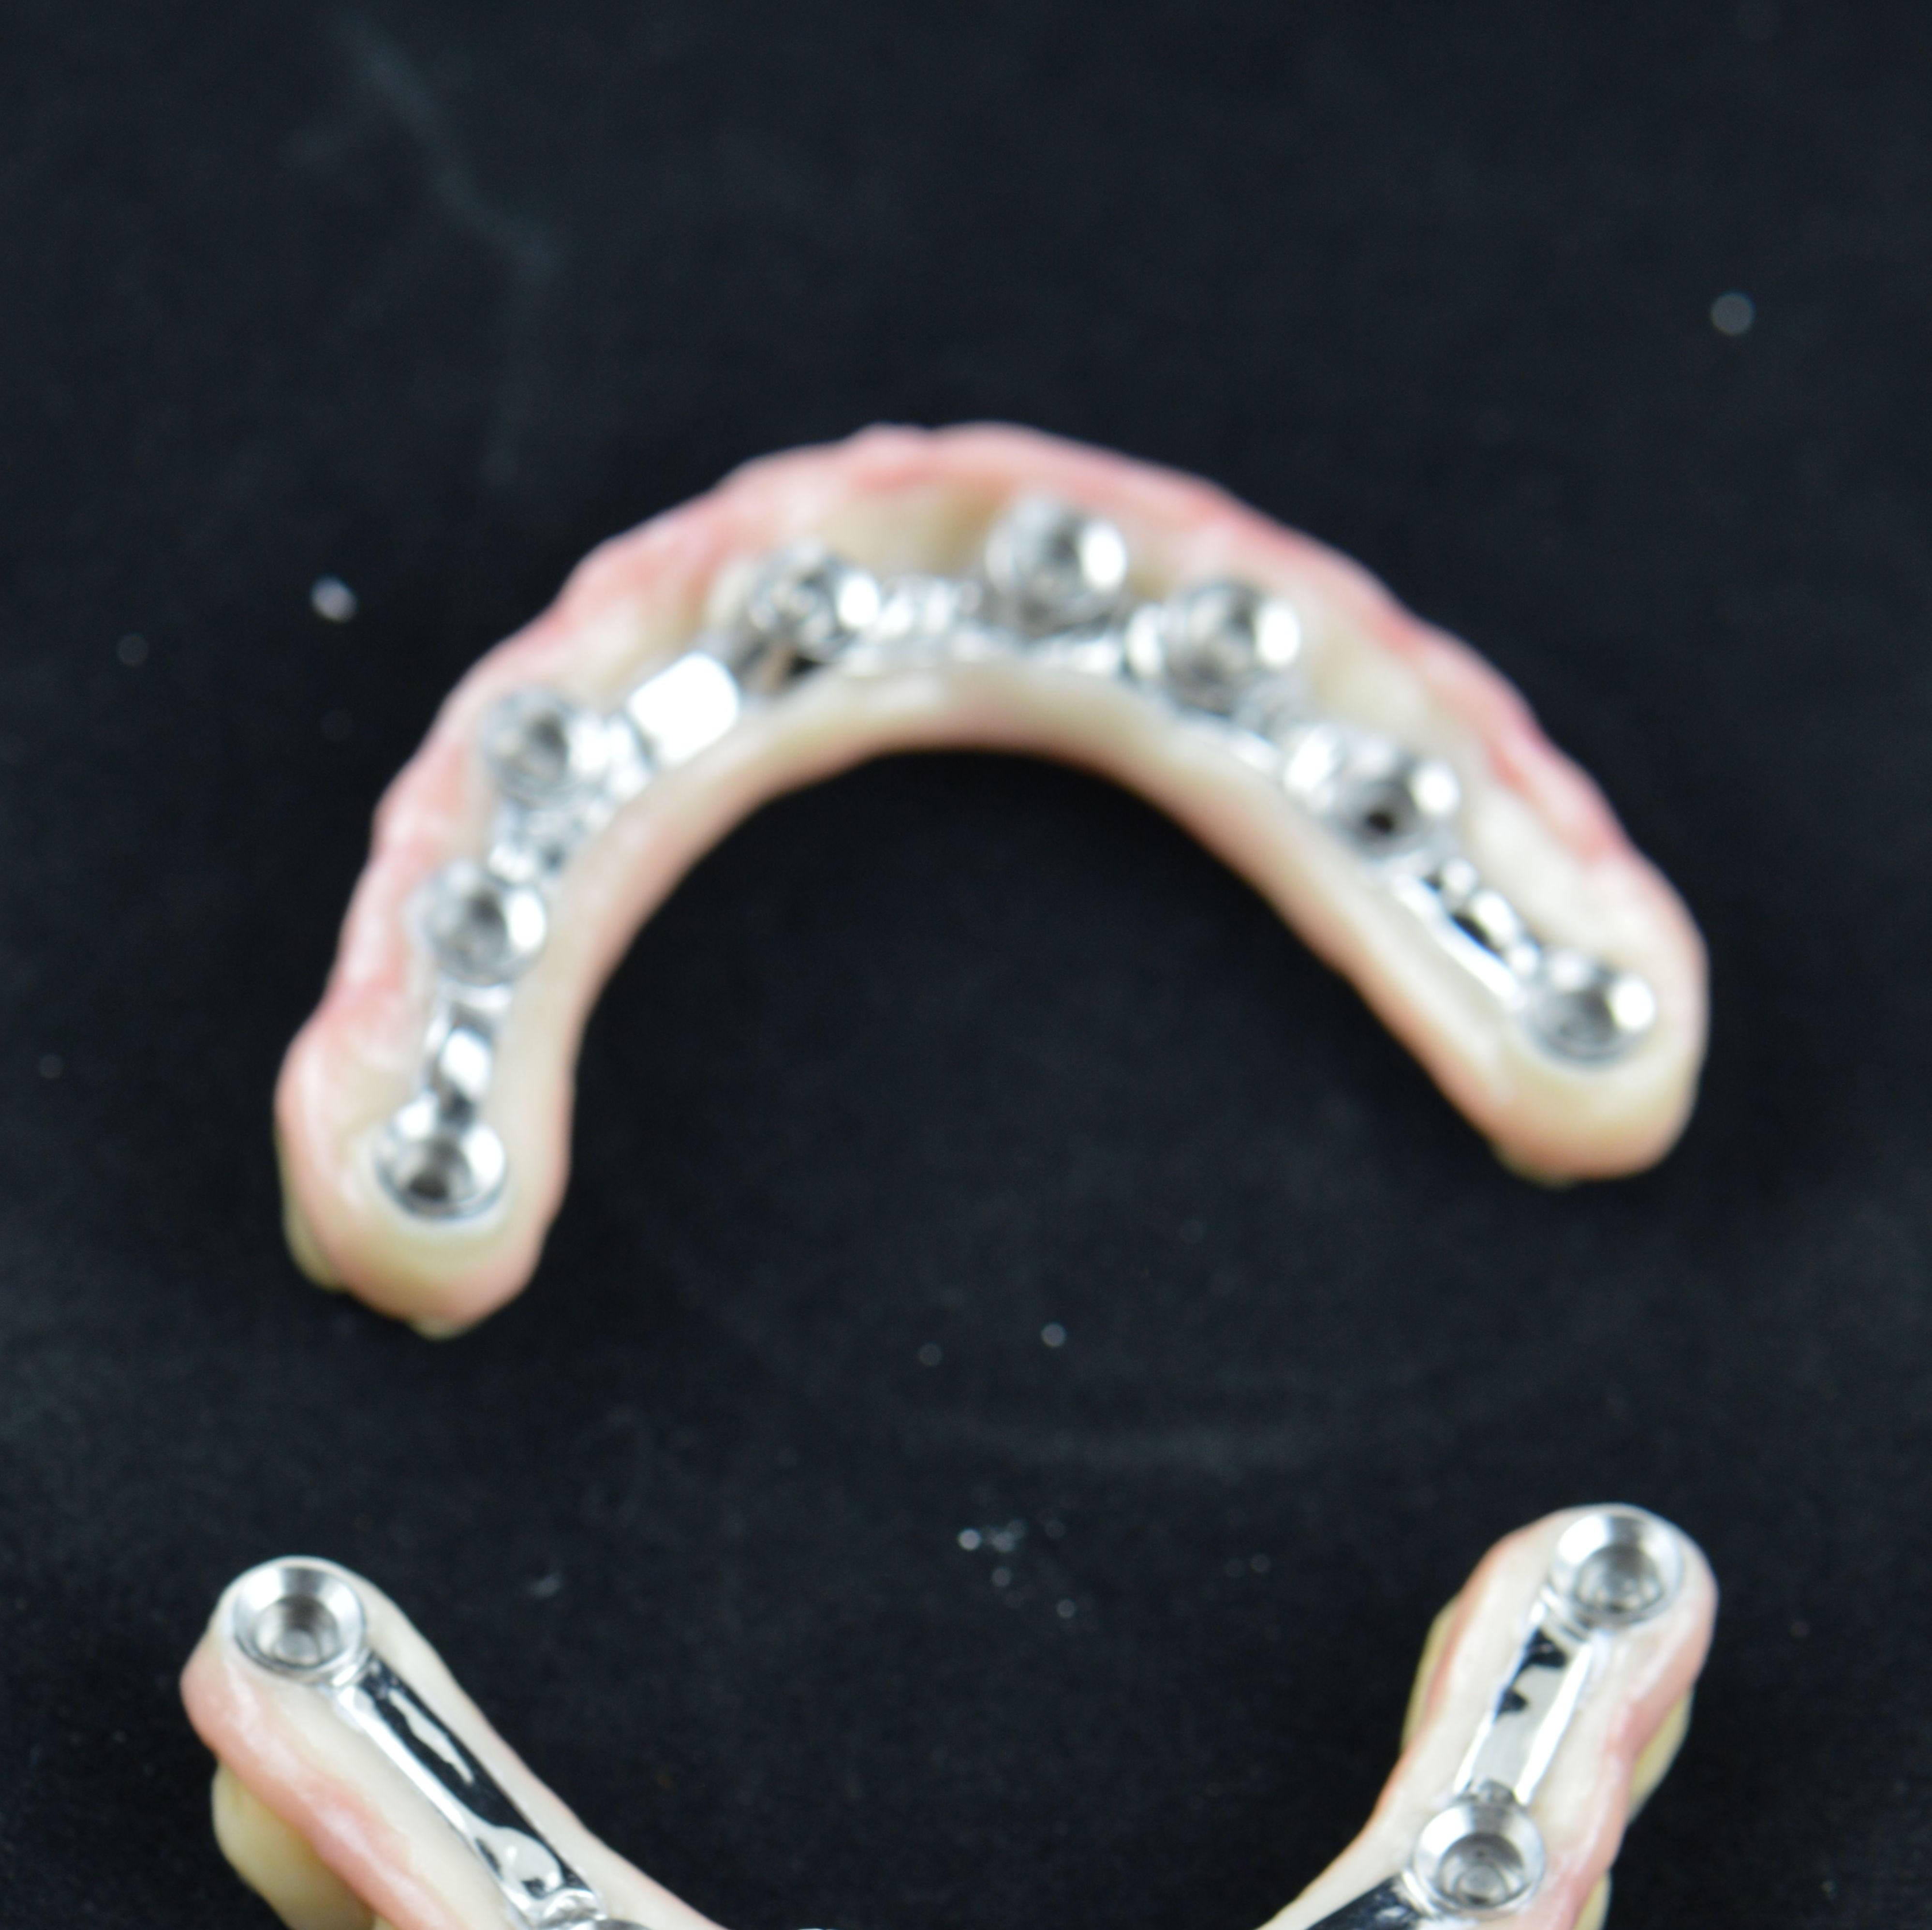 Foto 8 de Protésicos dentales en Santiago de Compostela | Tecnolab Dental Galicia